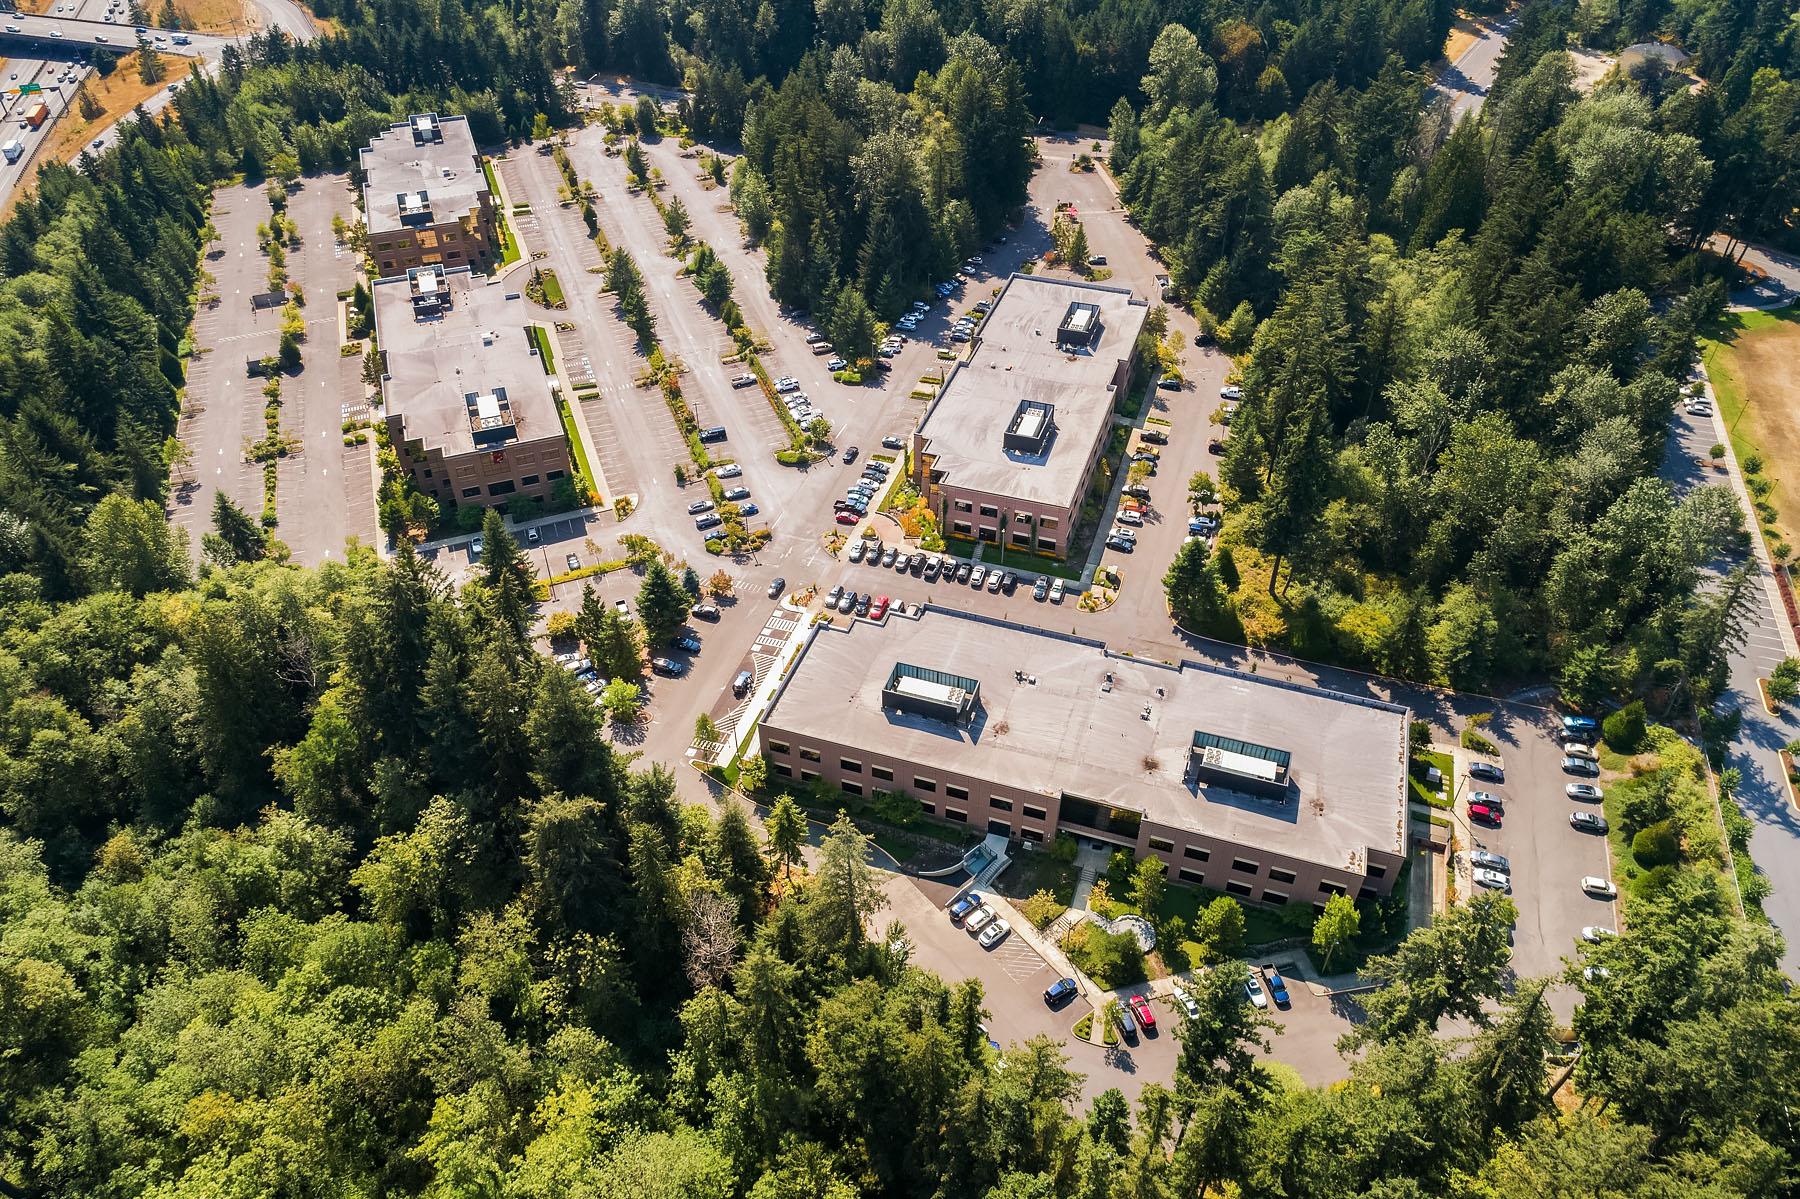 The Sanctuary Buildings